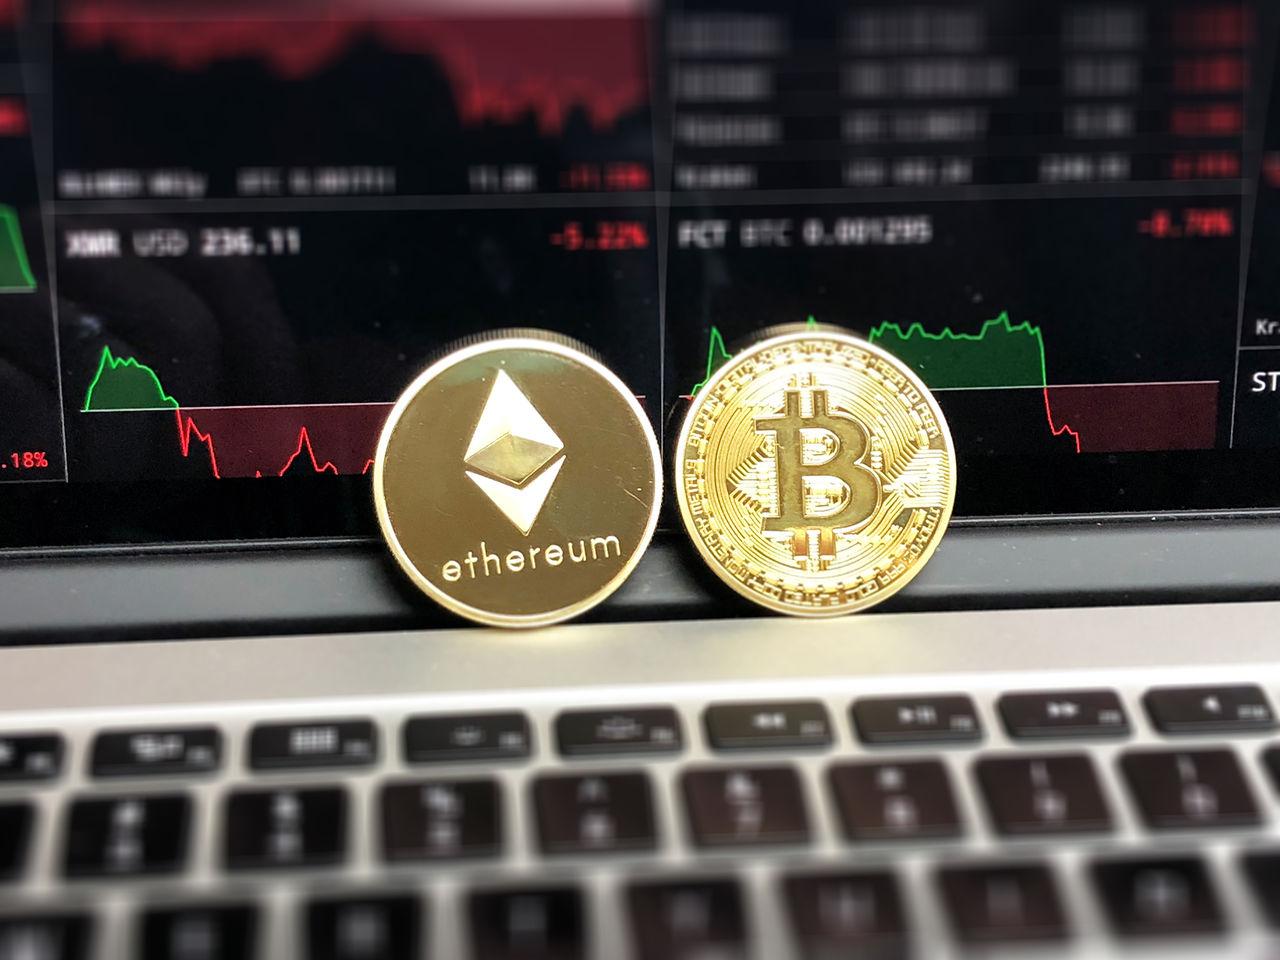 Några svenskar blev upptaxerade för bitcoin-handel förra året